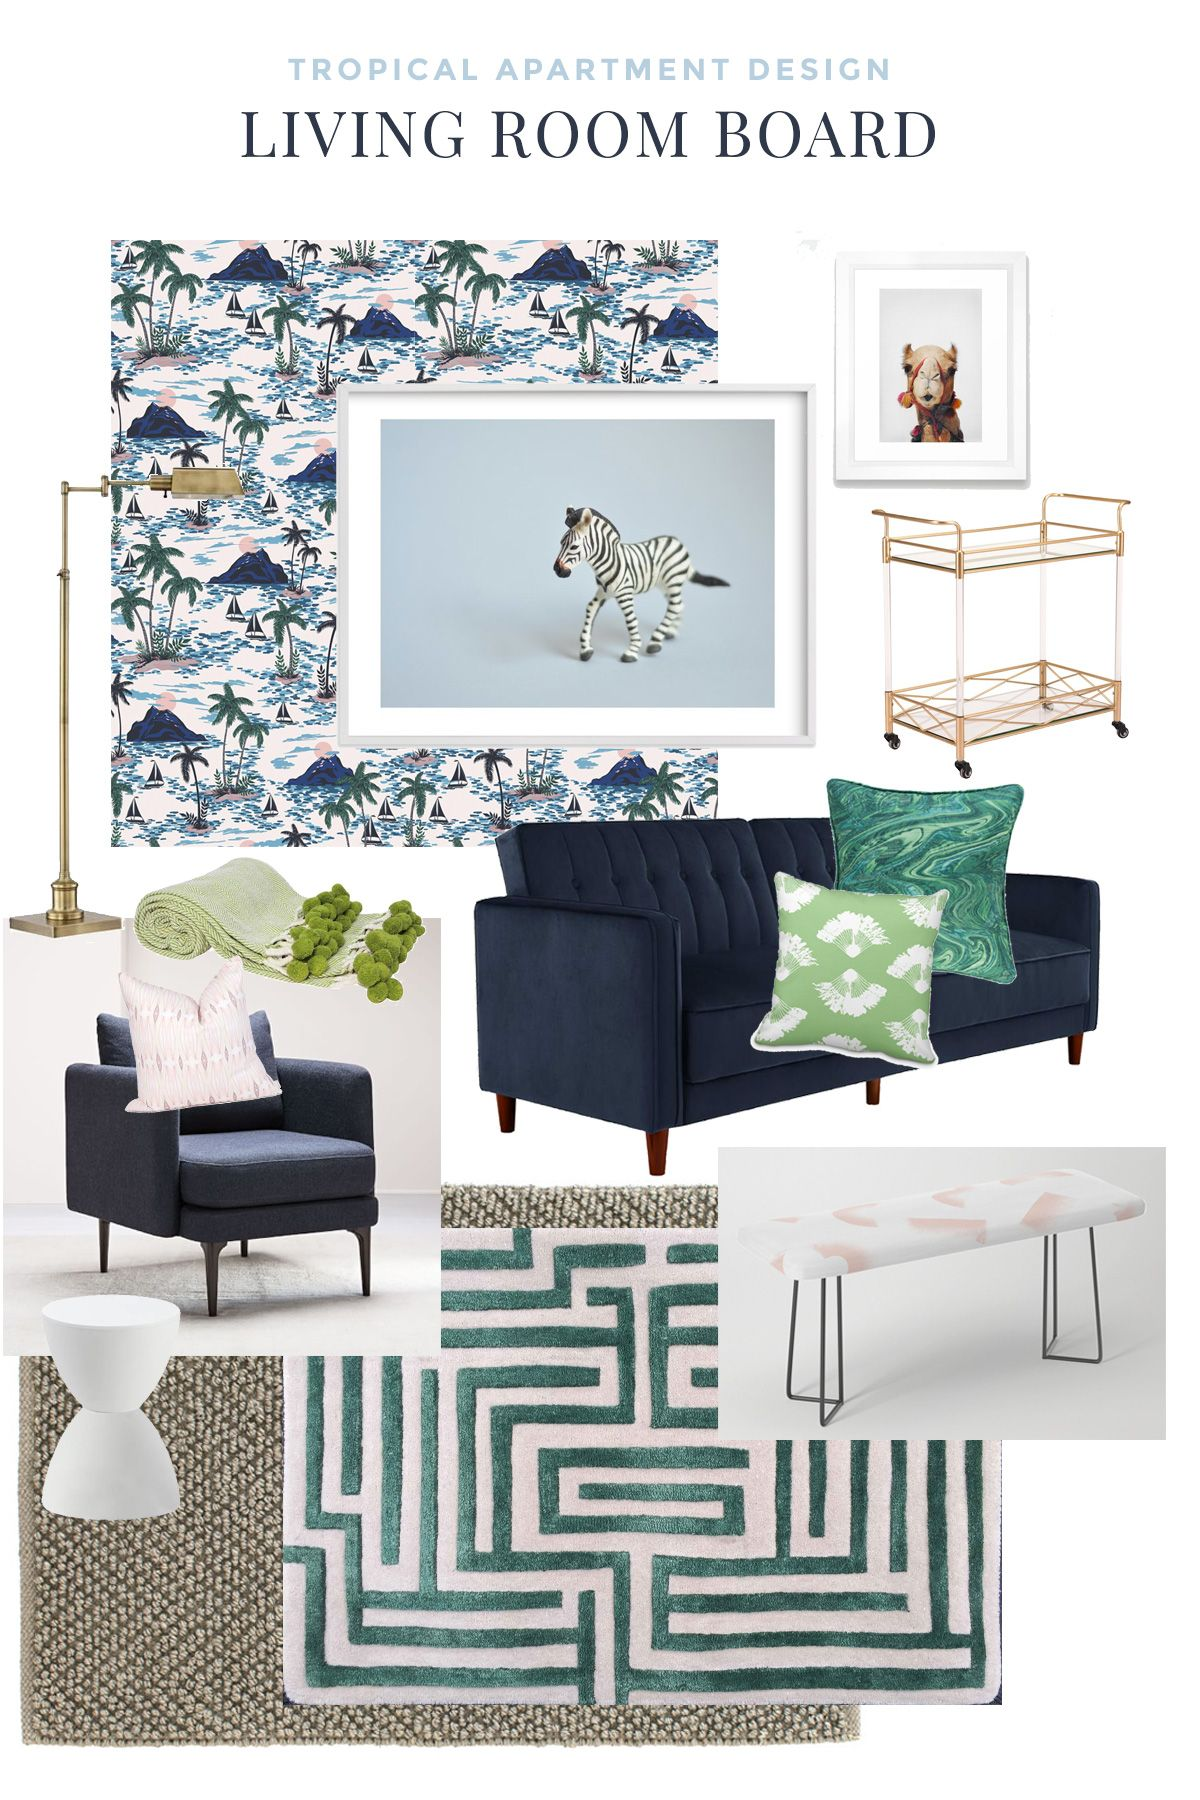 Cornell apartment design living room board college - Cornell university interior design ...